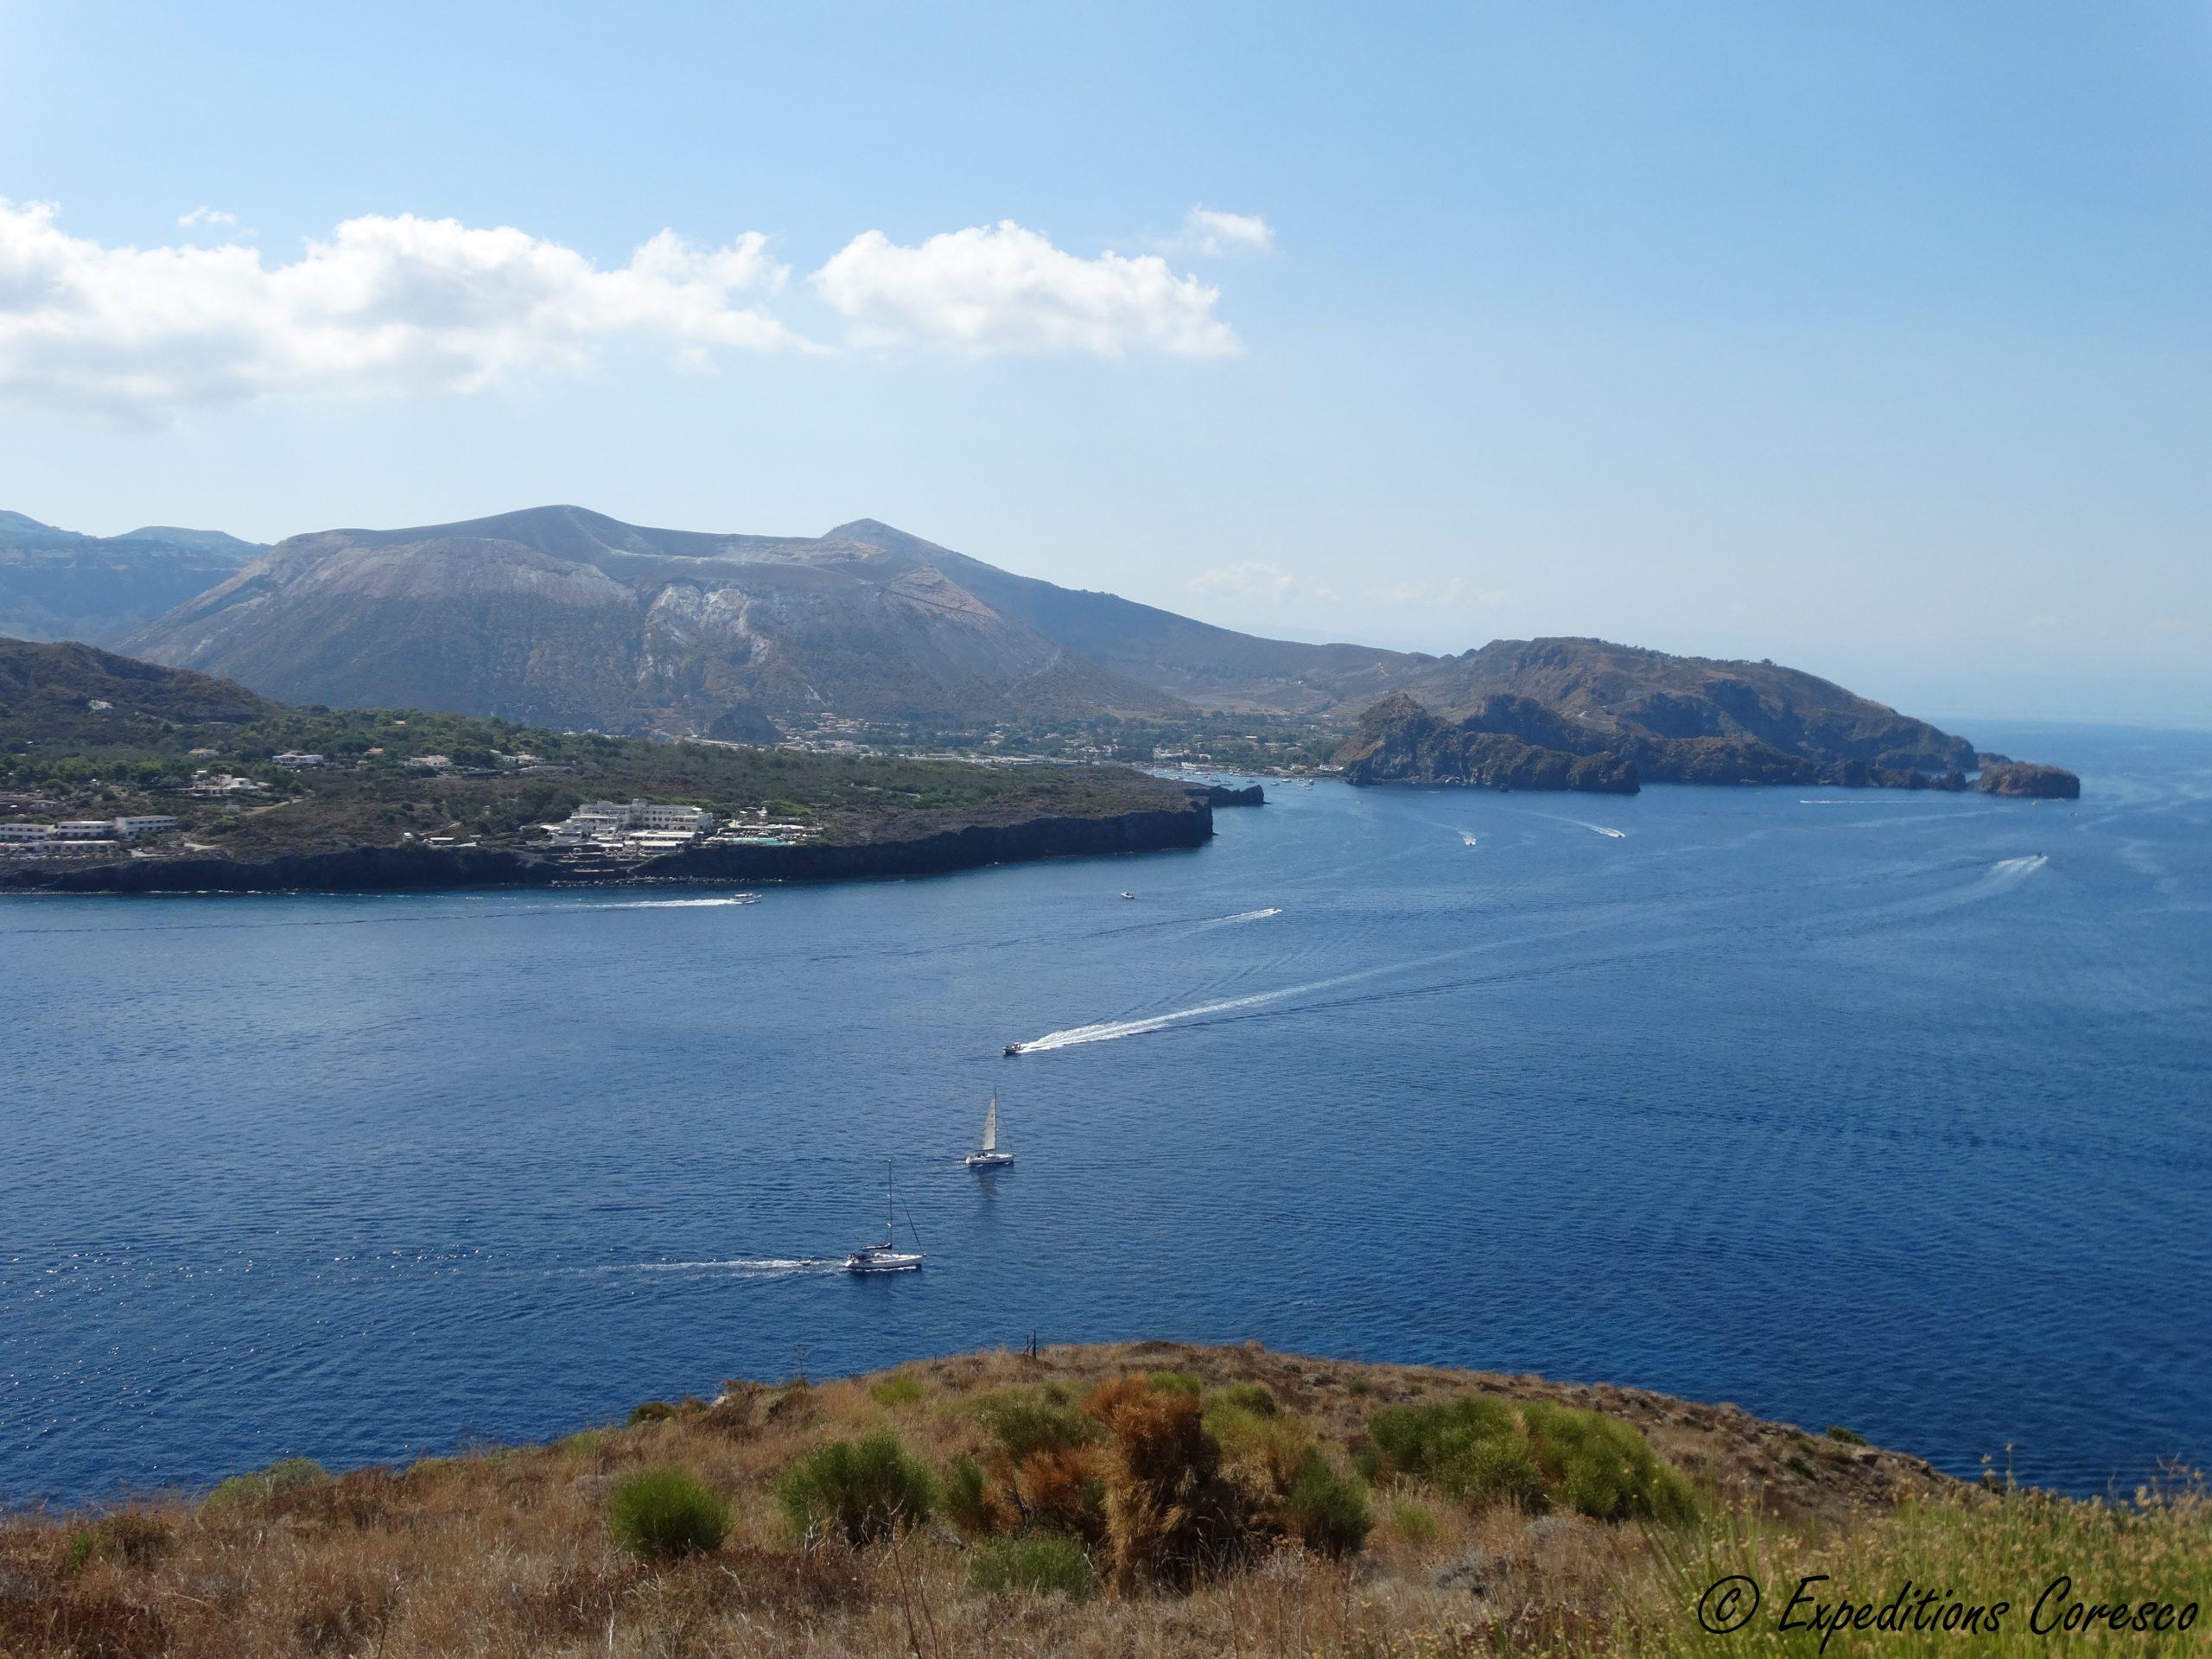 Vue sur l'île de Vulcano